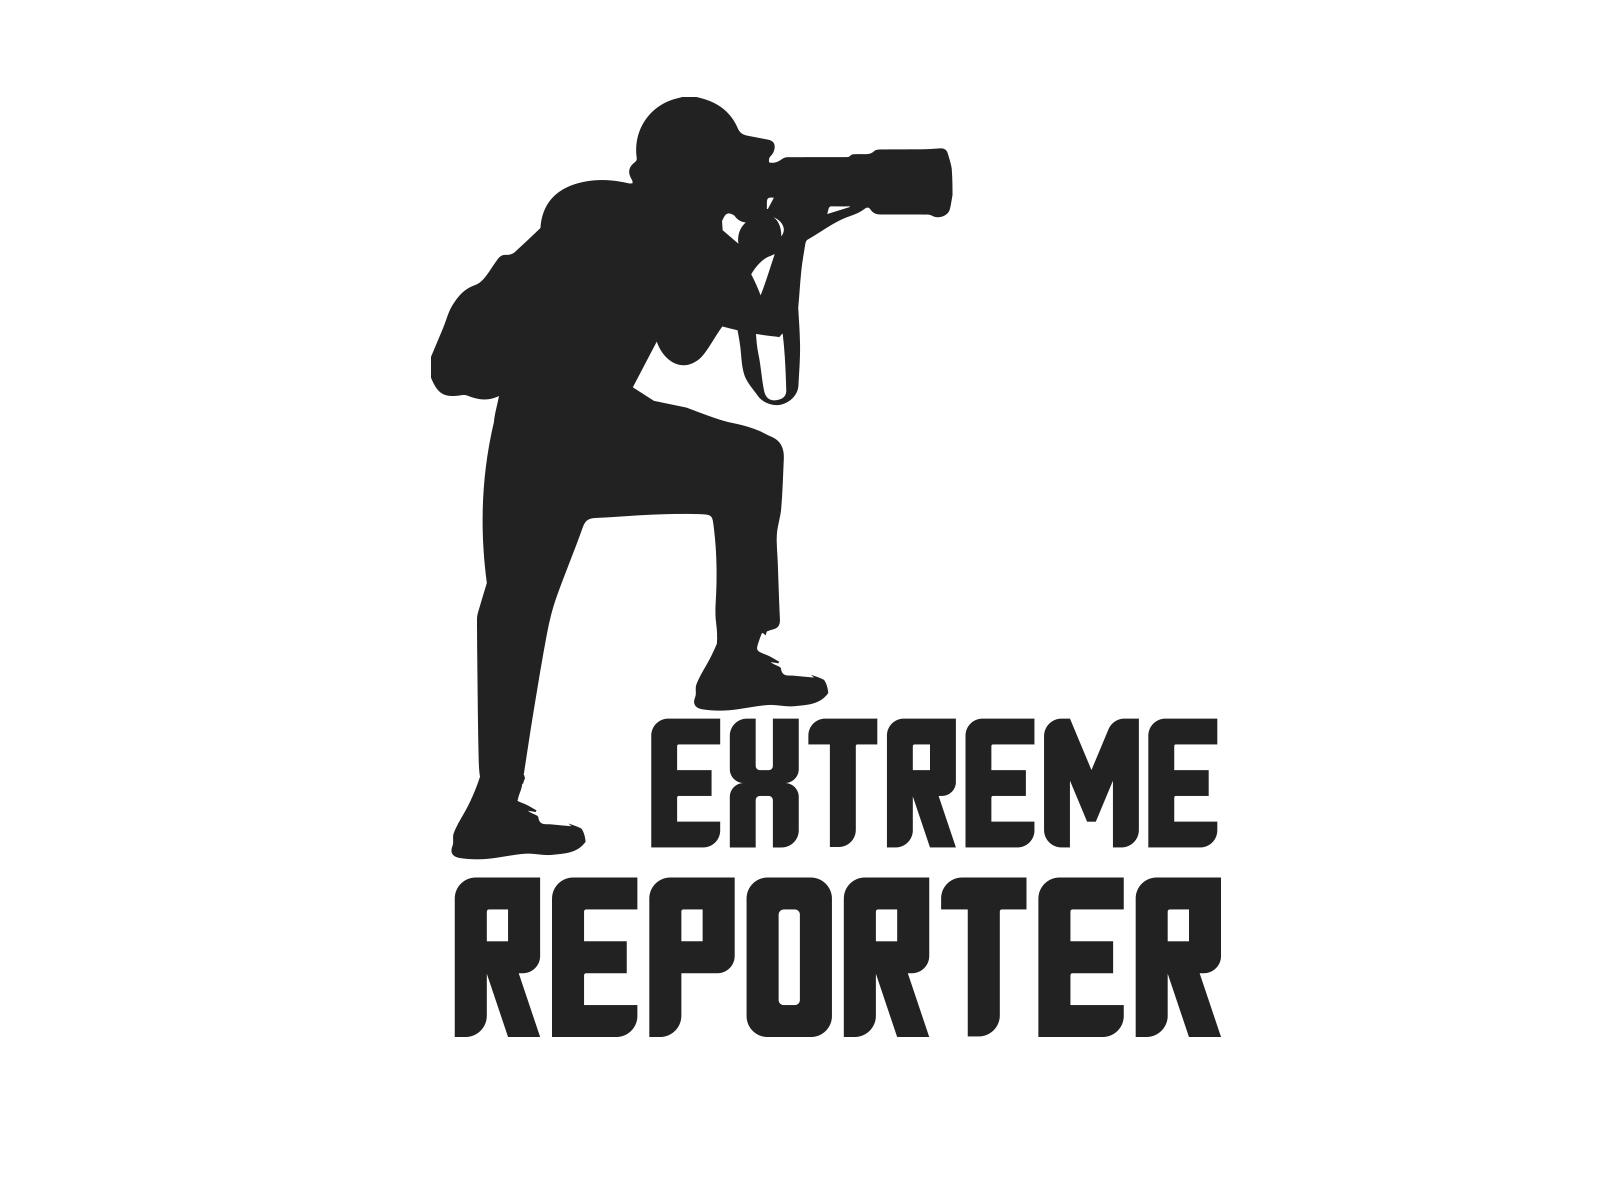 Логотип для экстрим фотографа.  фото f_3965a52a3a9021b4.jpg